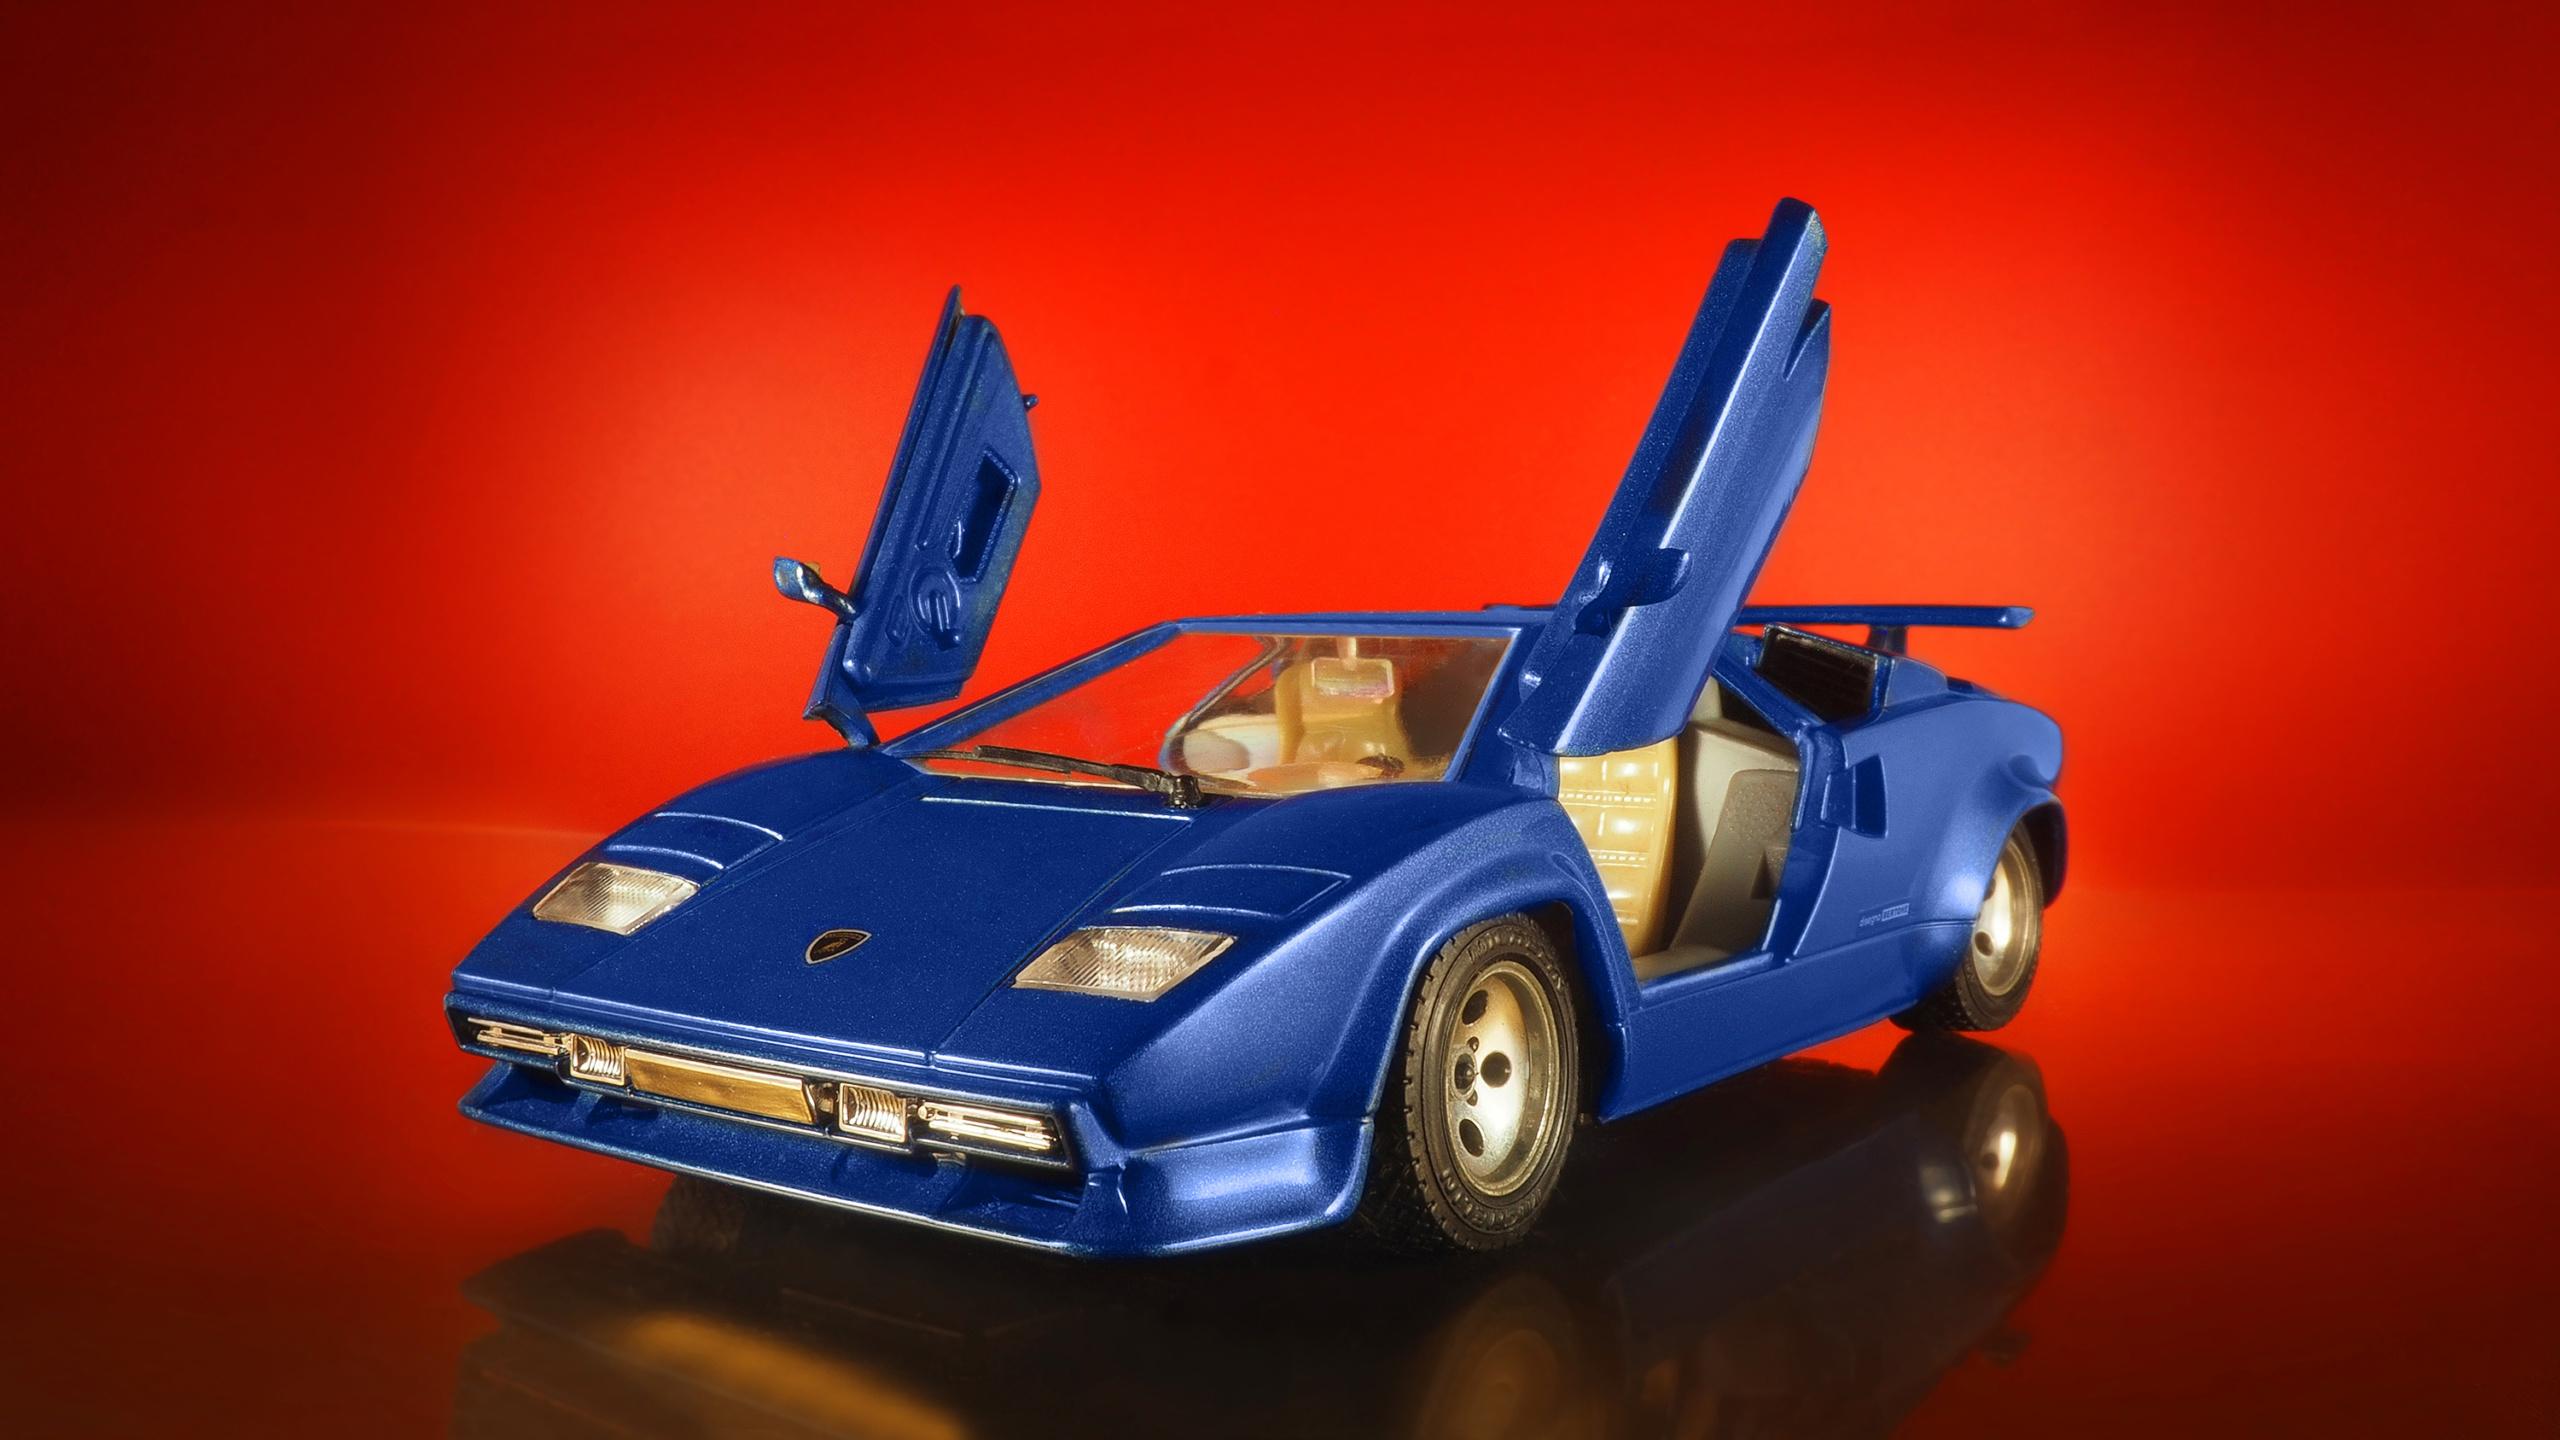 Фотографии моделей автомобилей